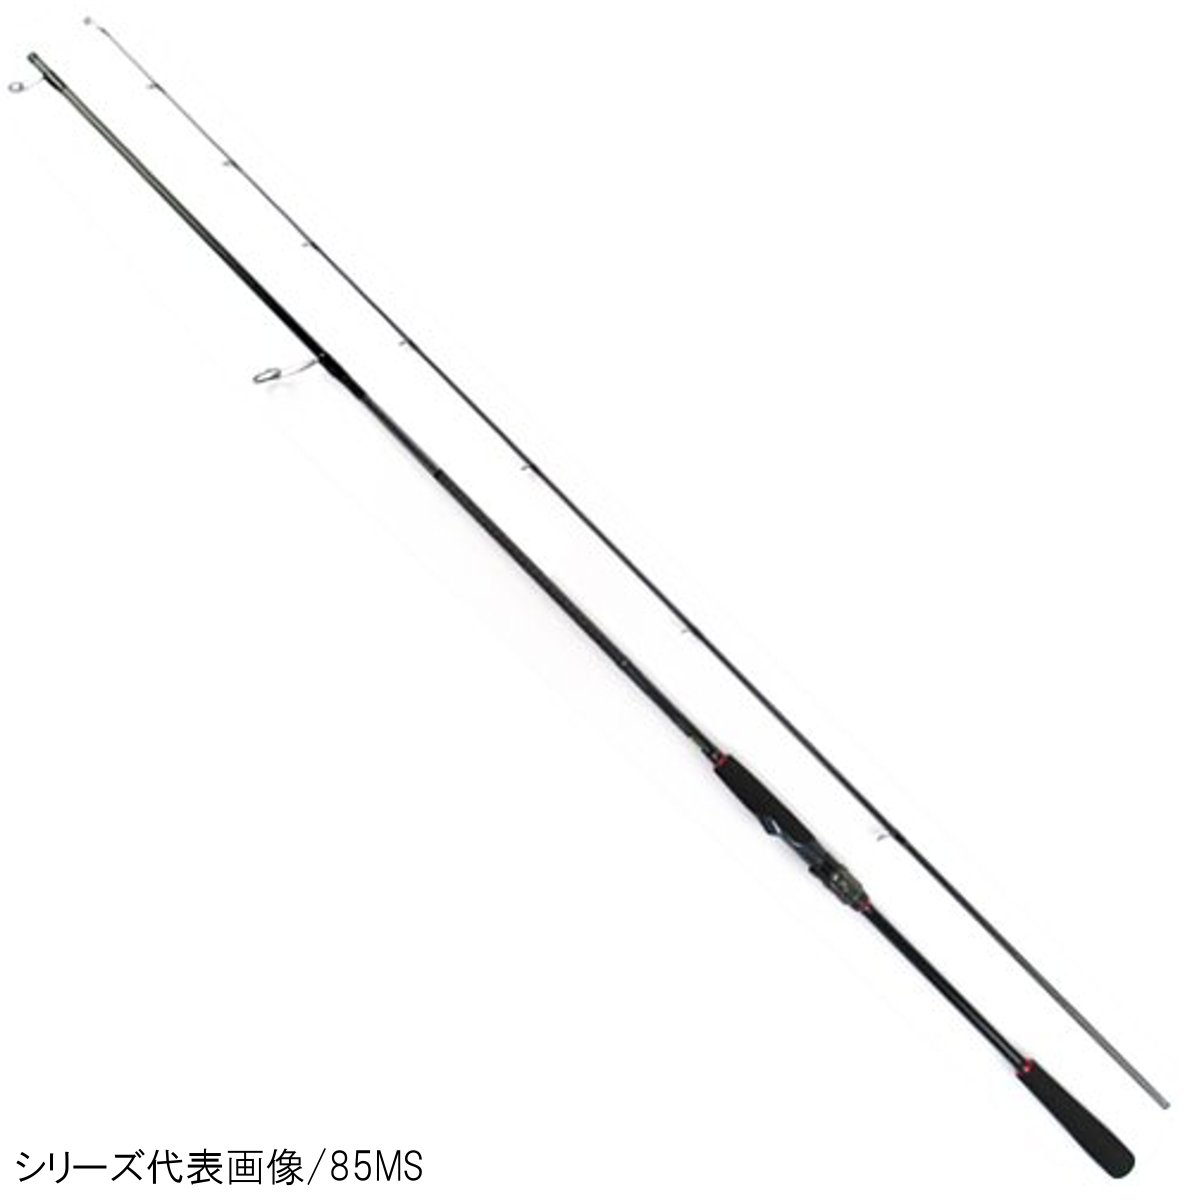 ダイワ HRF KJ 90MHS【送料無料】